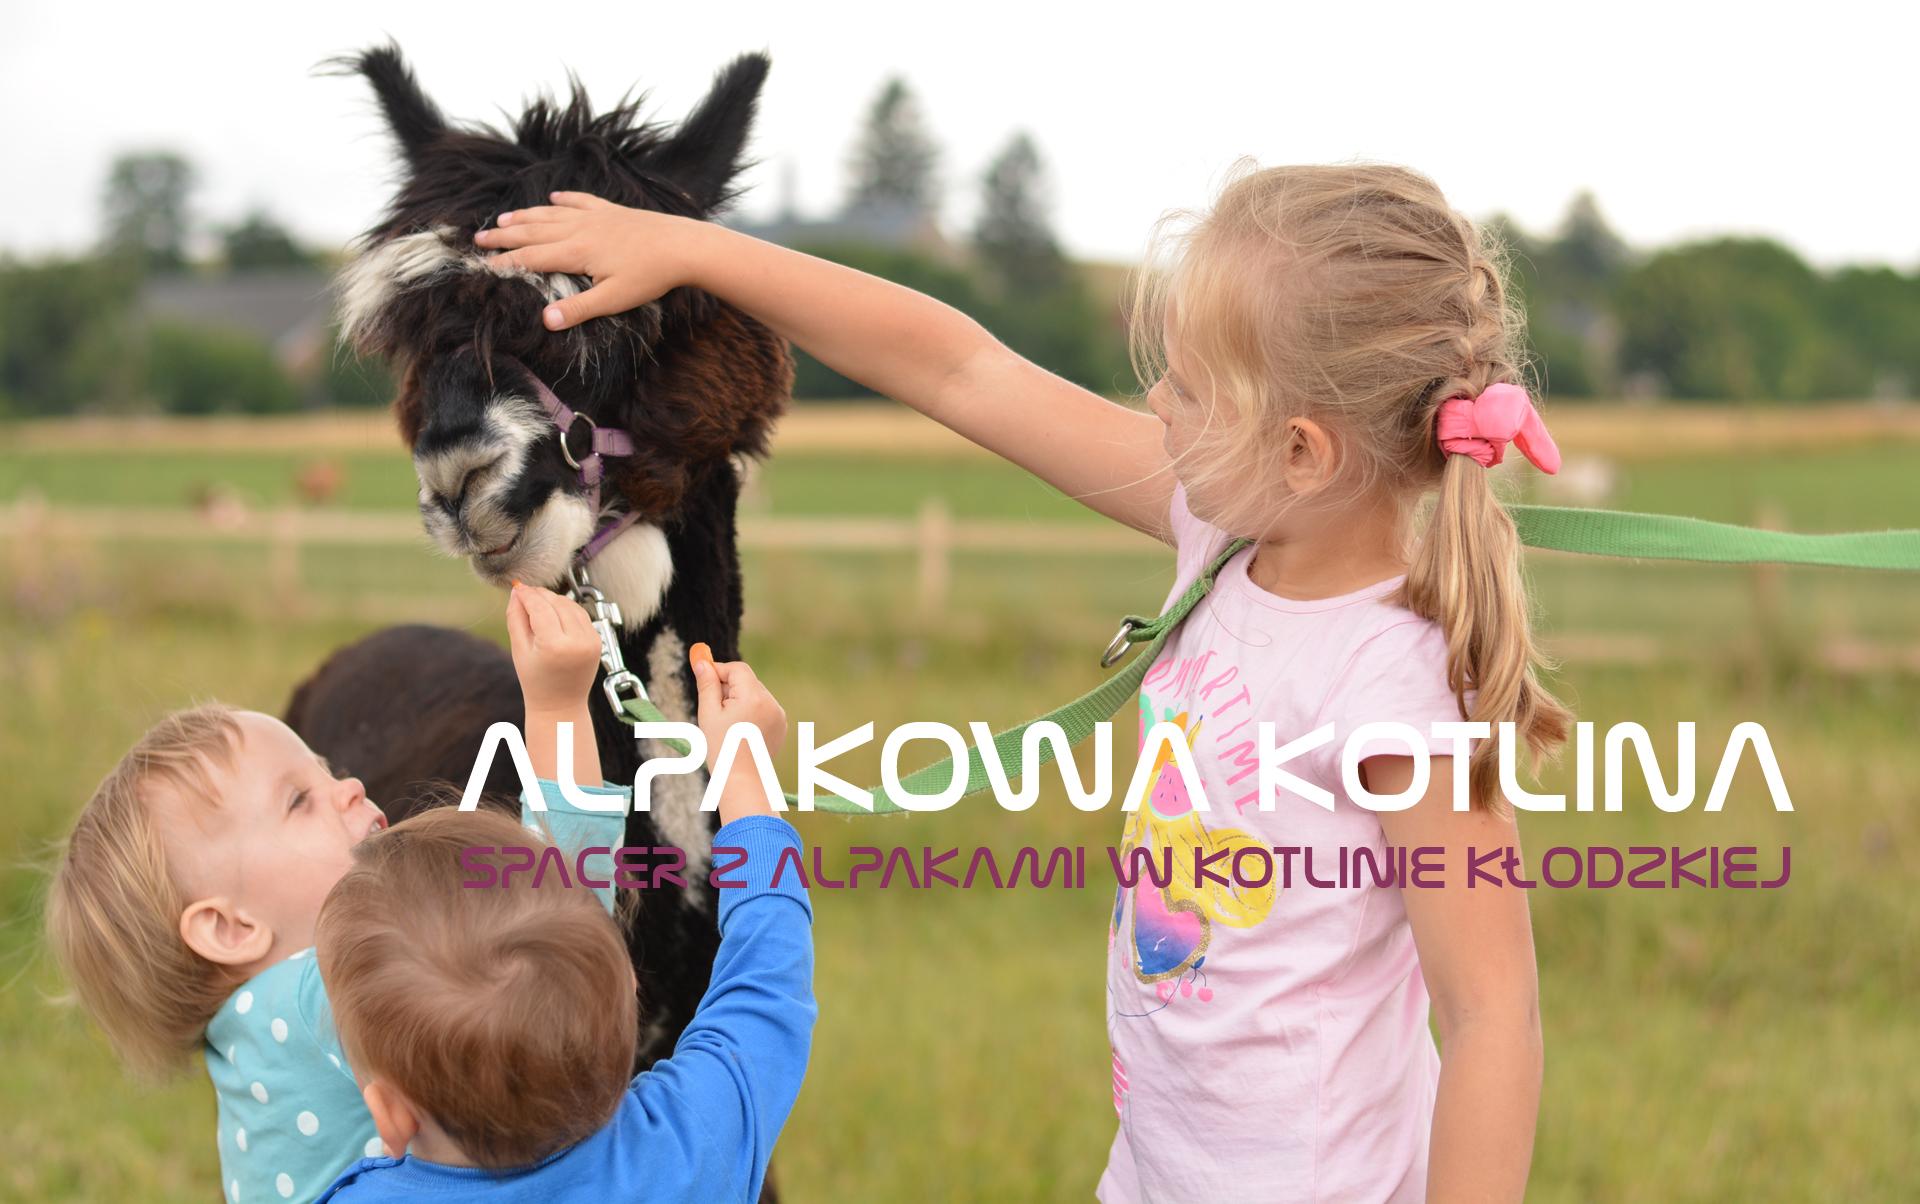 Alpakowa Kotlina – Spacer z alpakami w Kotlinie Kłodzkiej